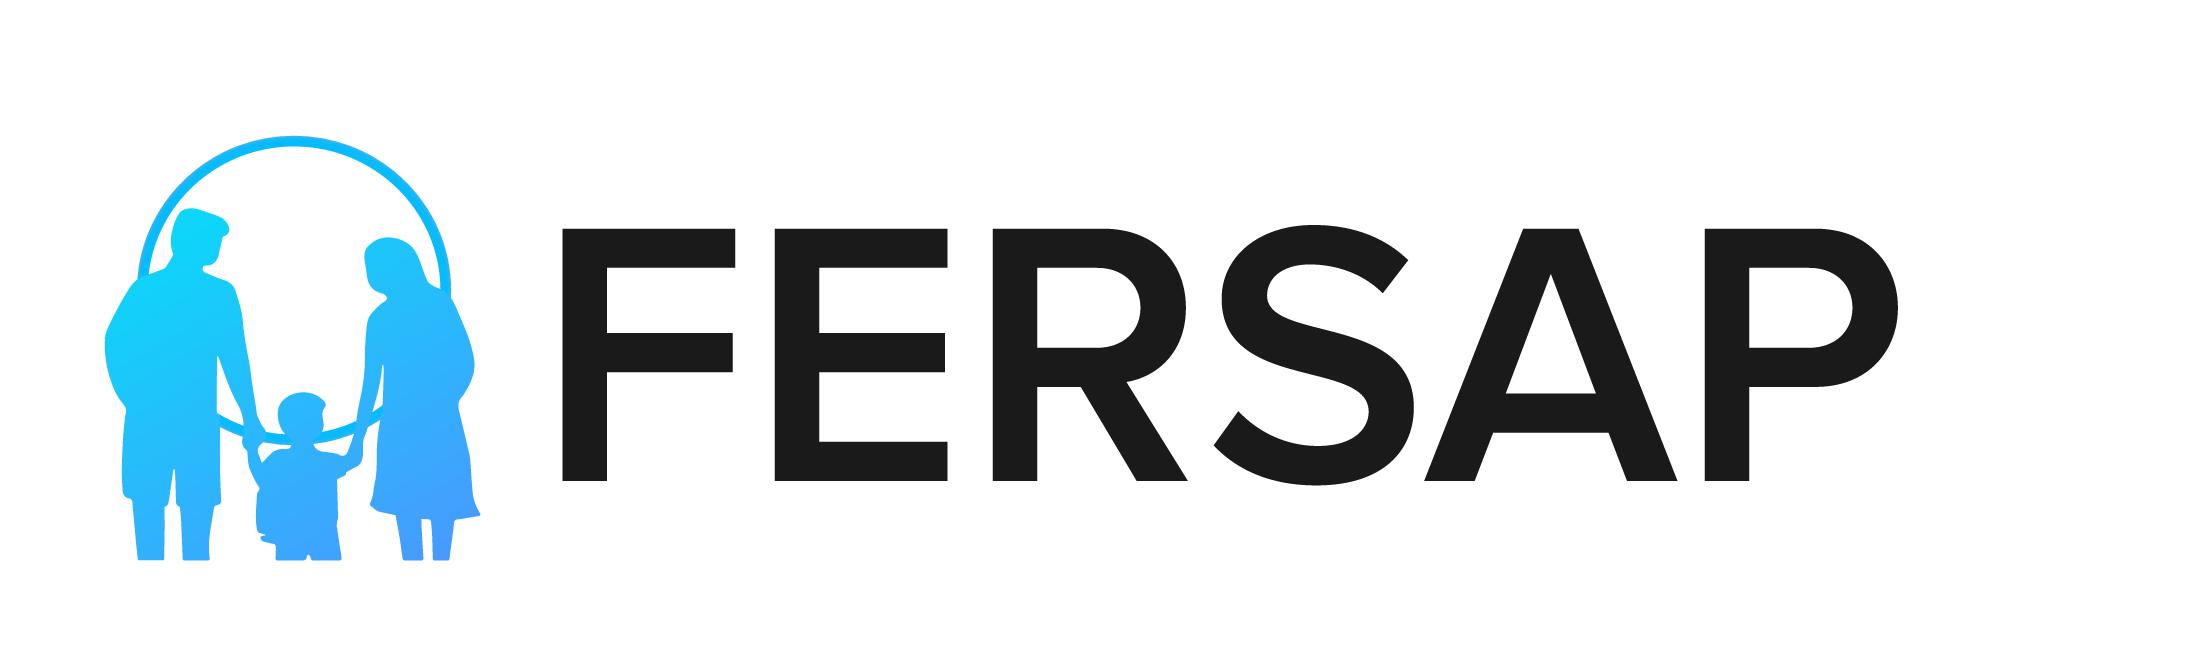 FERSAP